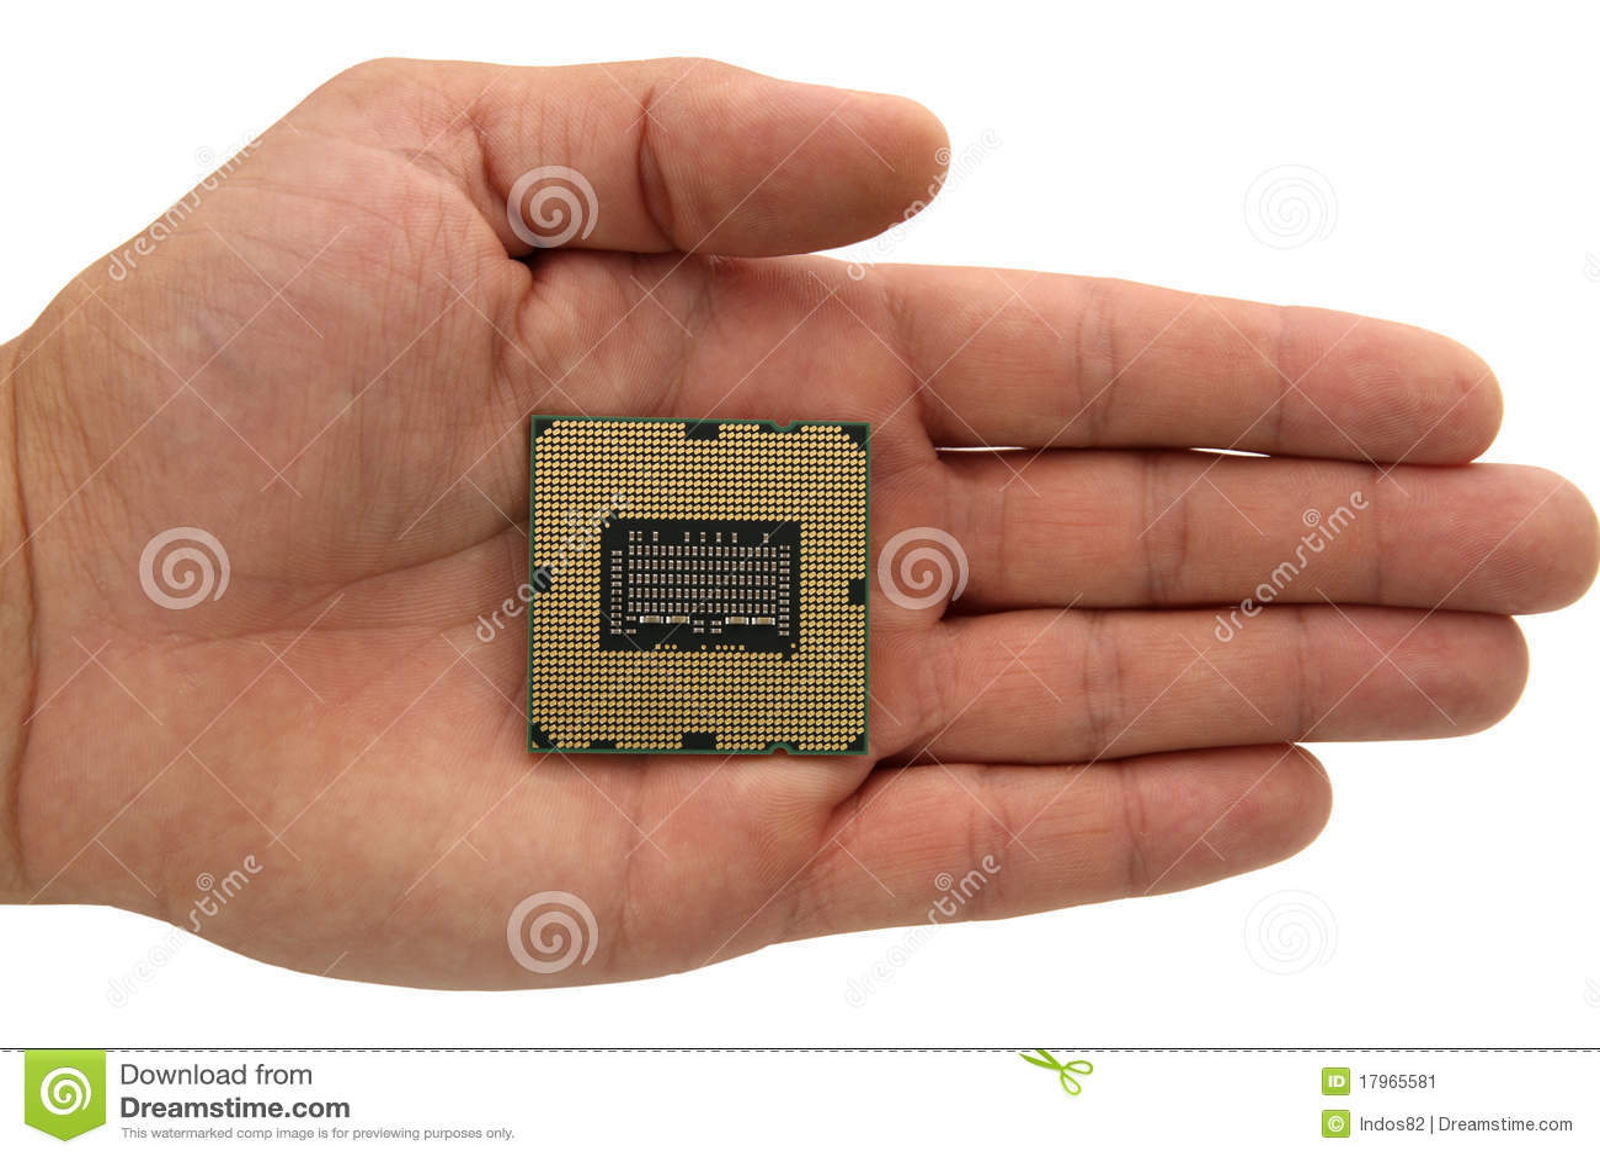 Details du processeur des ordinateurs actuels au mieux